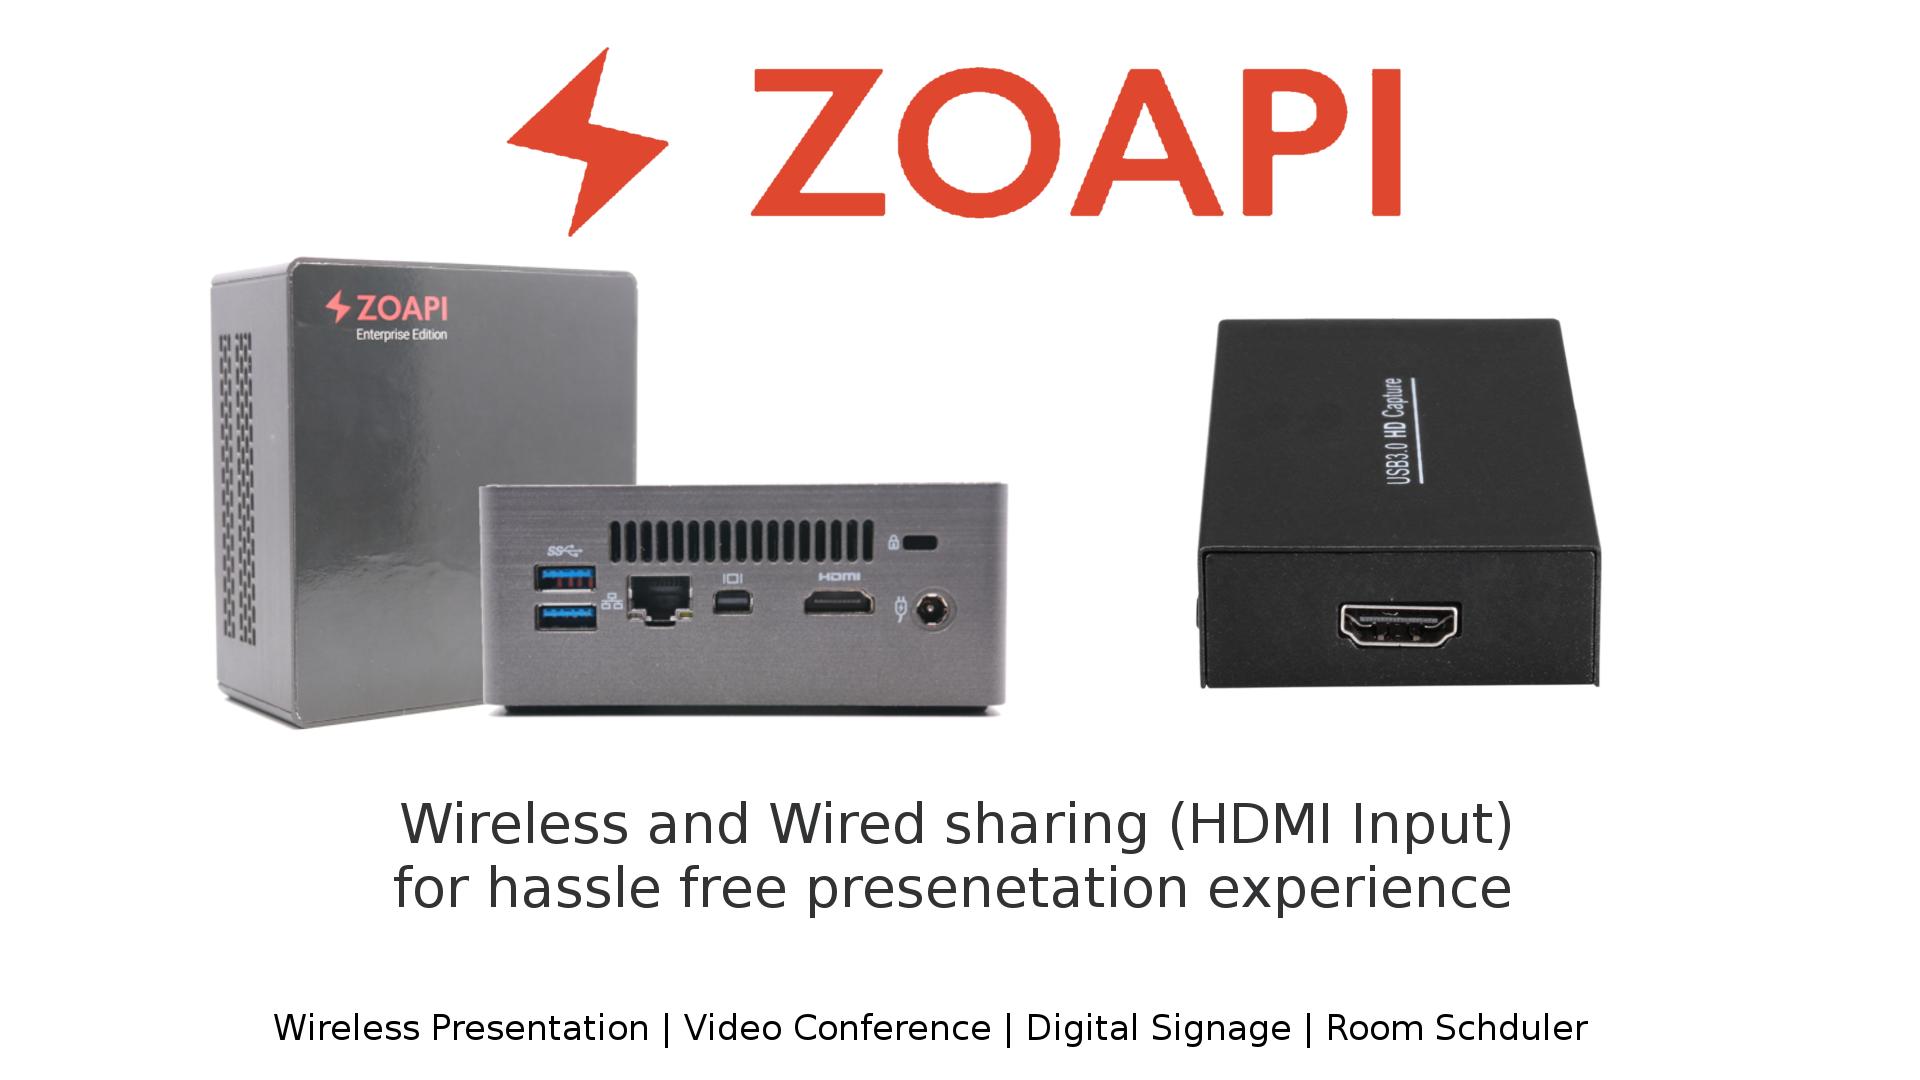 HDMI Input with Zoapi